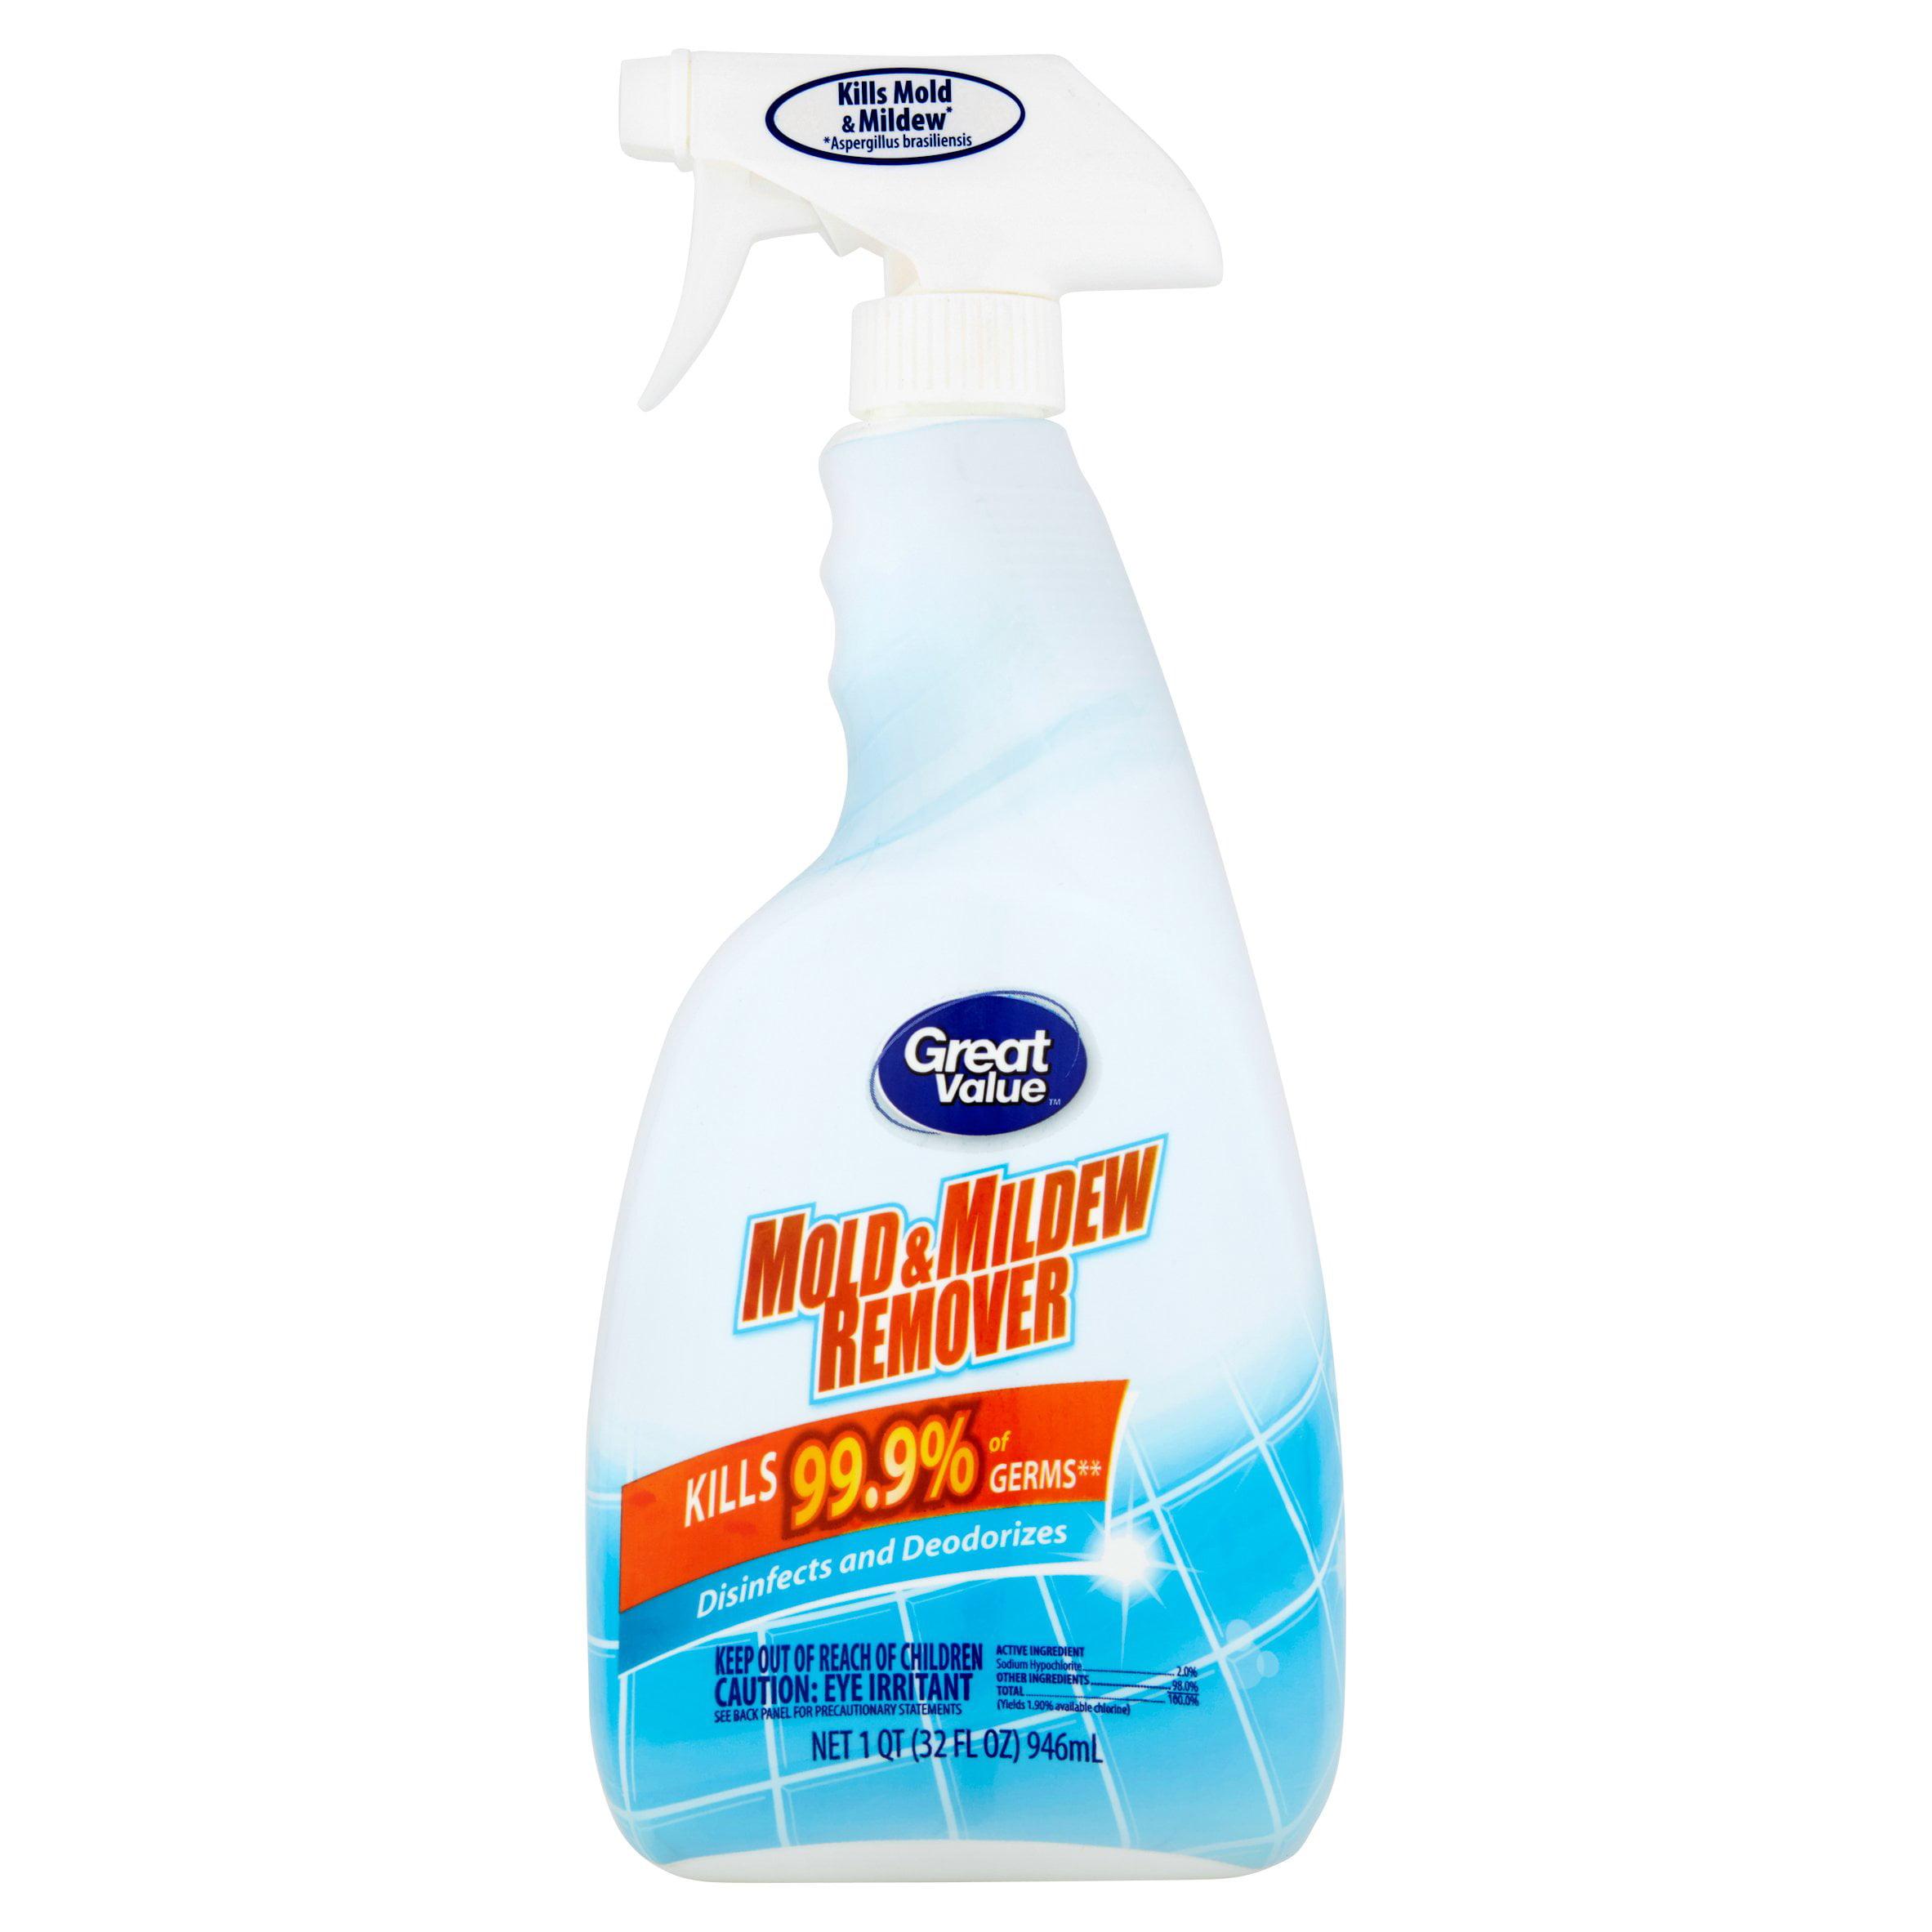 Great Value Mold & Mildew Remover, 1 qt - Walmart.com